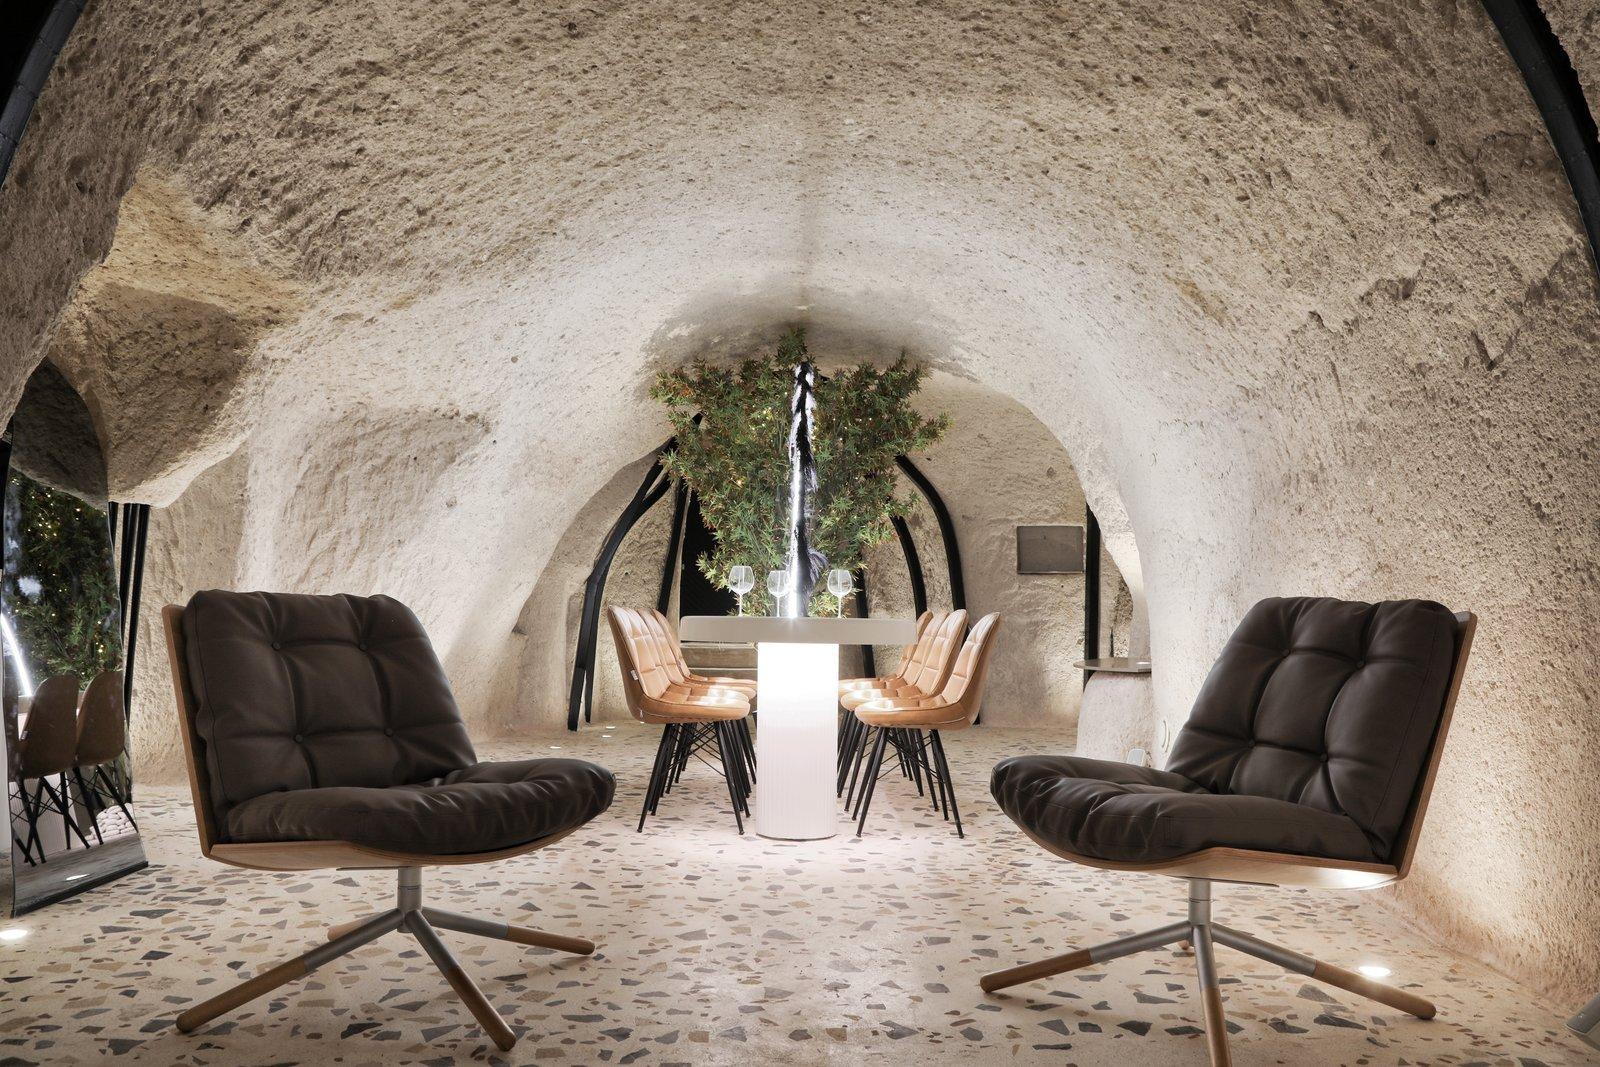 לופט נופש מודרני במערה קדומה בטורקיה